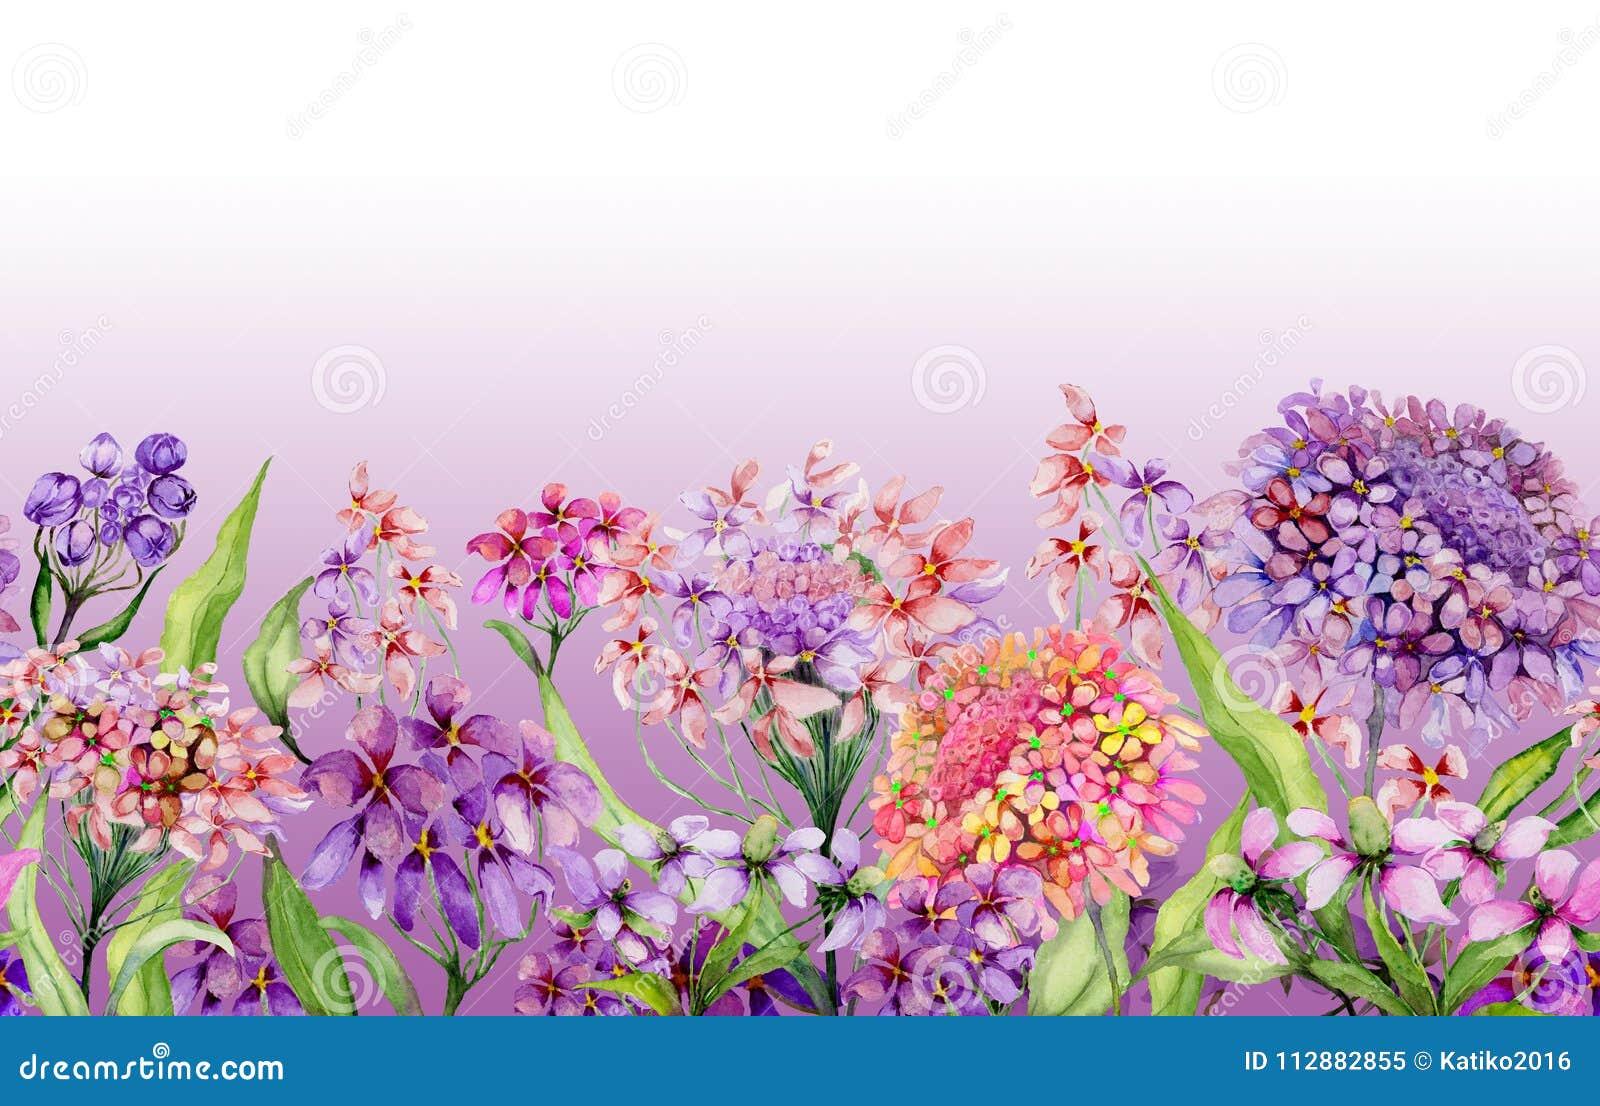 五颜六色的夏天宽横幅 美丽的生动的屈曲花属植物开花与在桃红色背景的绿色叶子 水平的模板